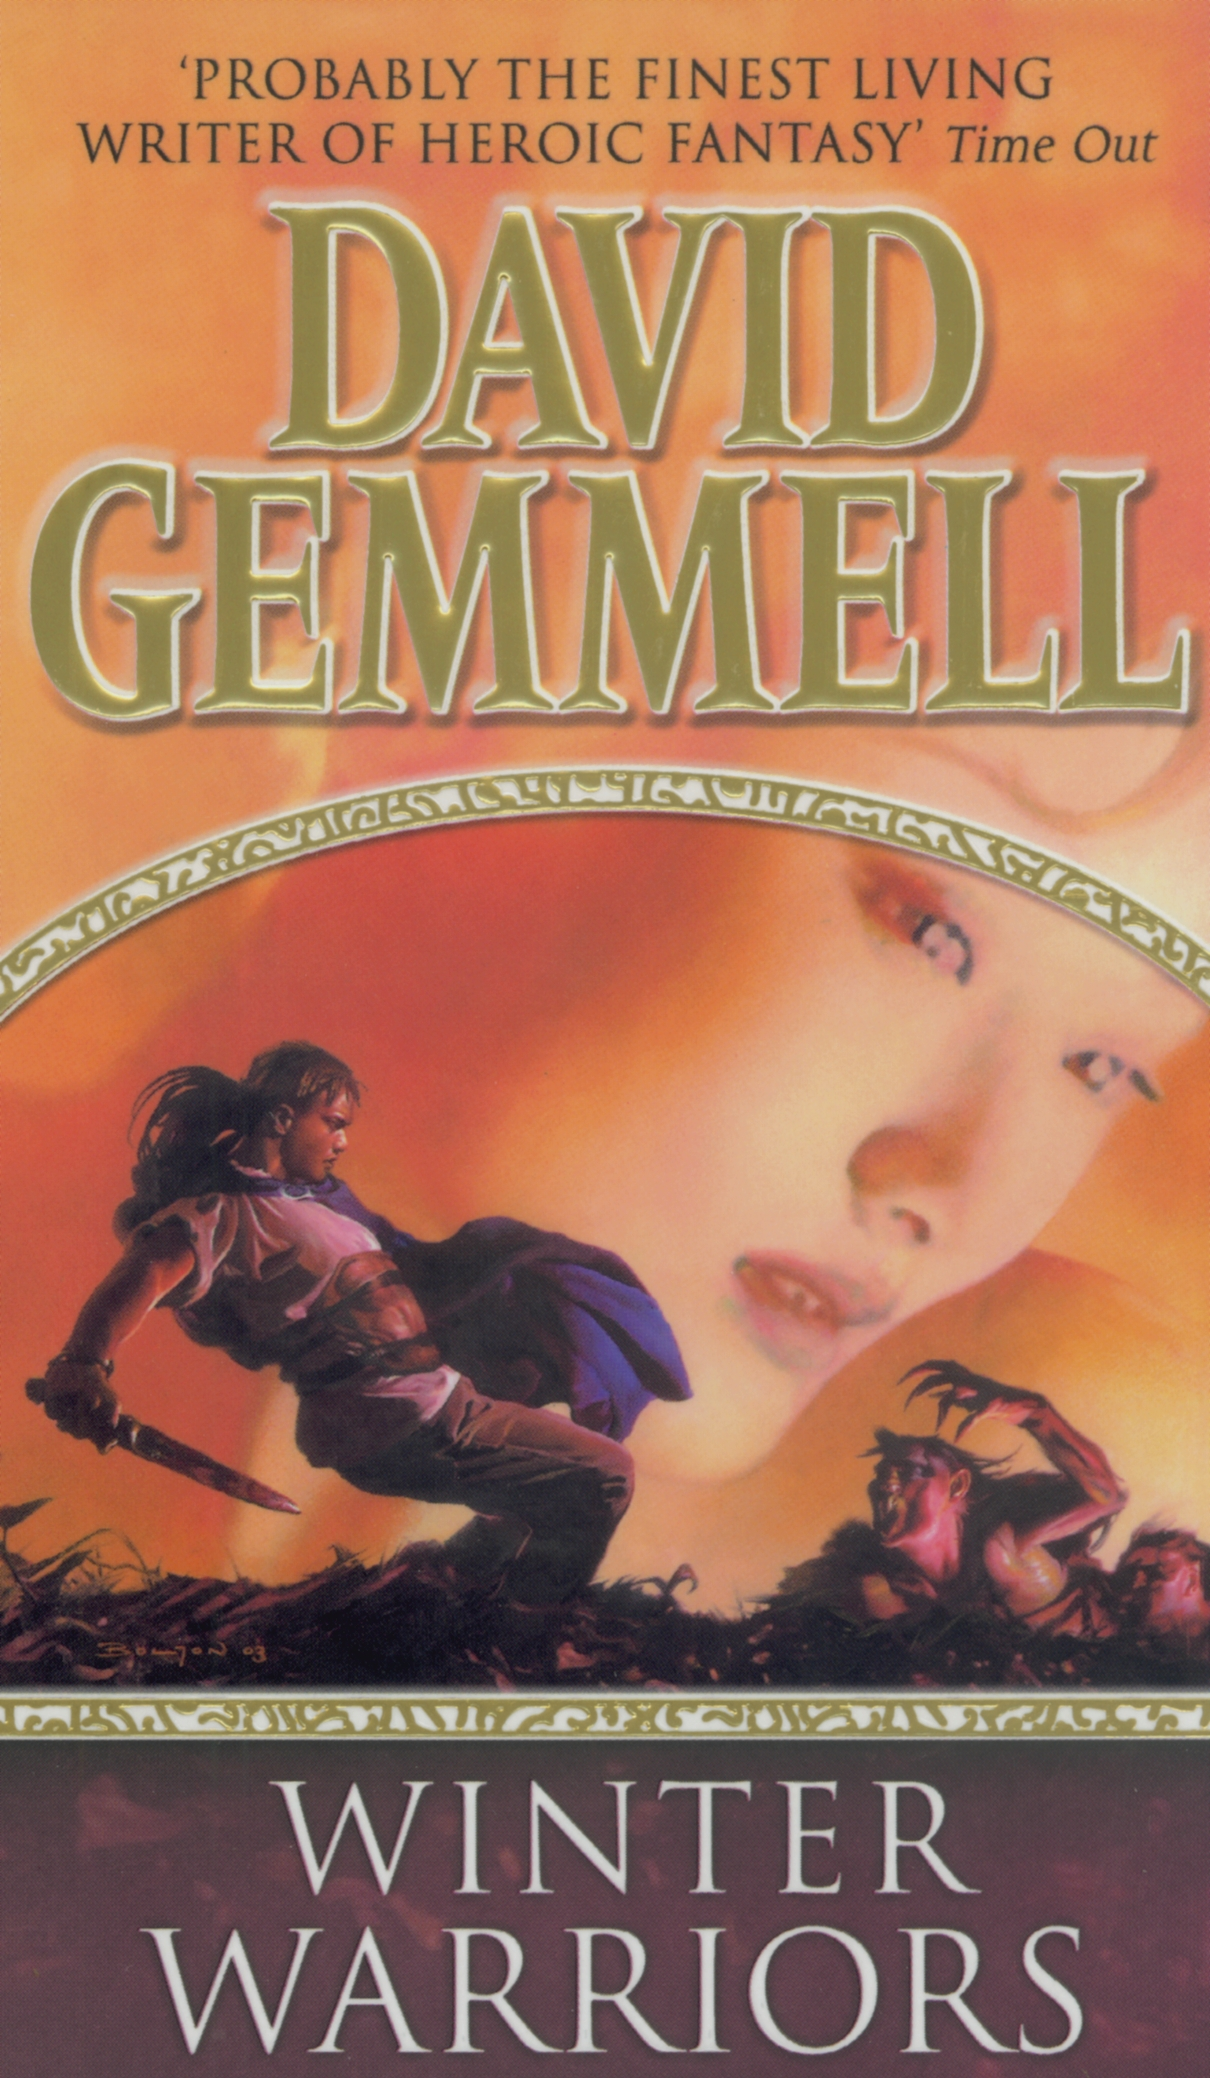 David Gemmell Book Cover Art : The winter warriors by david gemmell penguin books australia